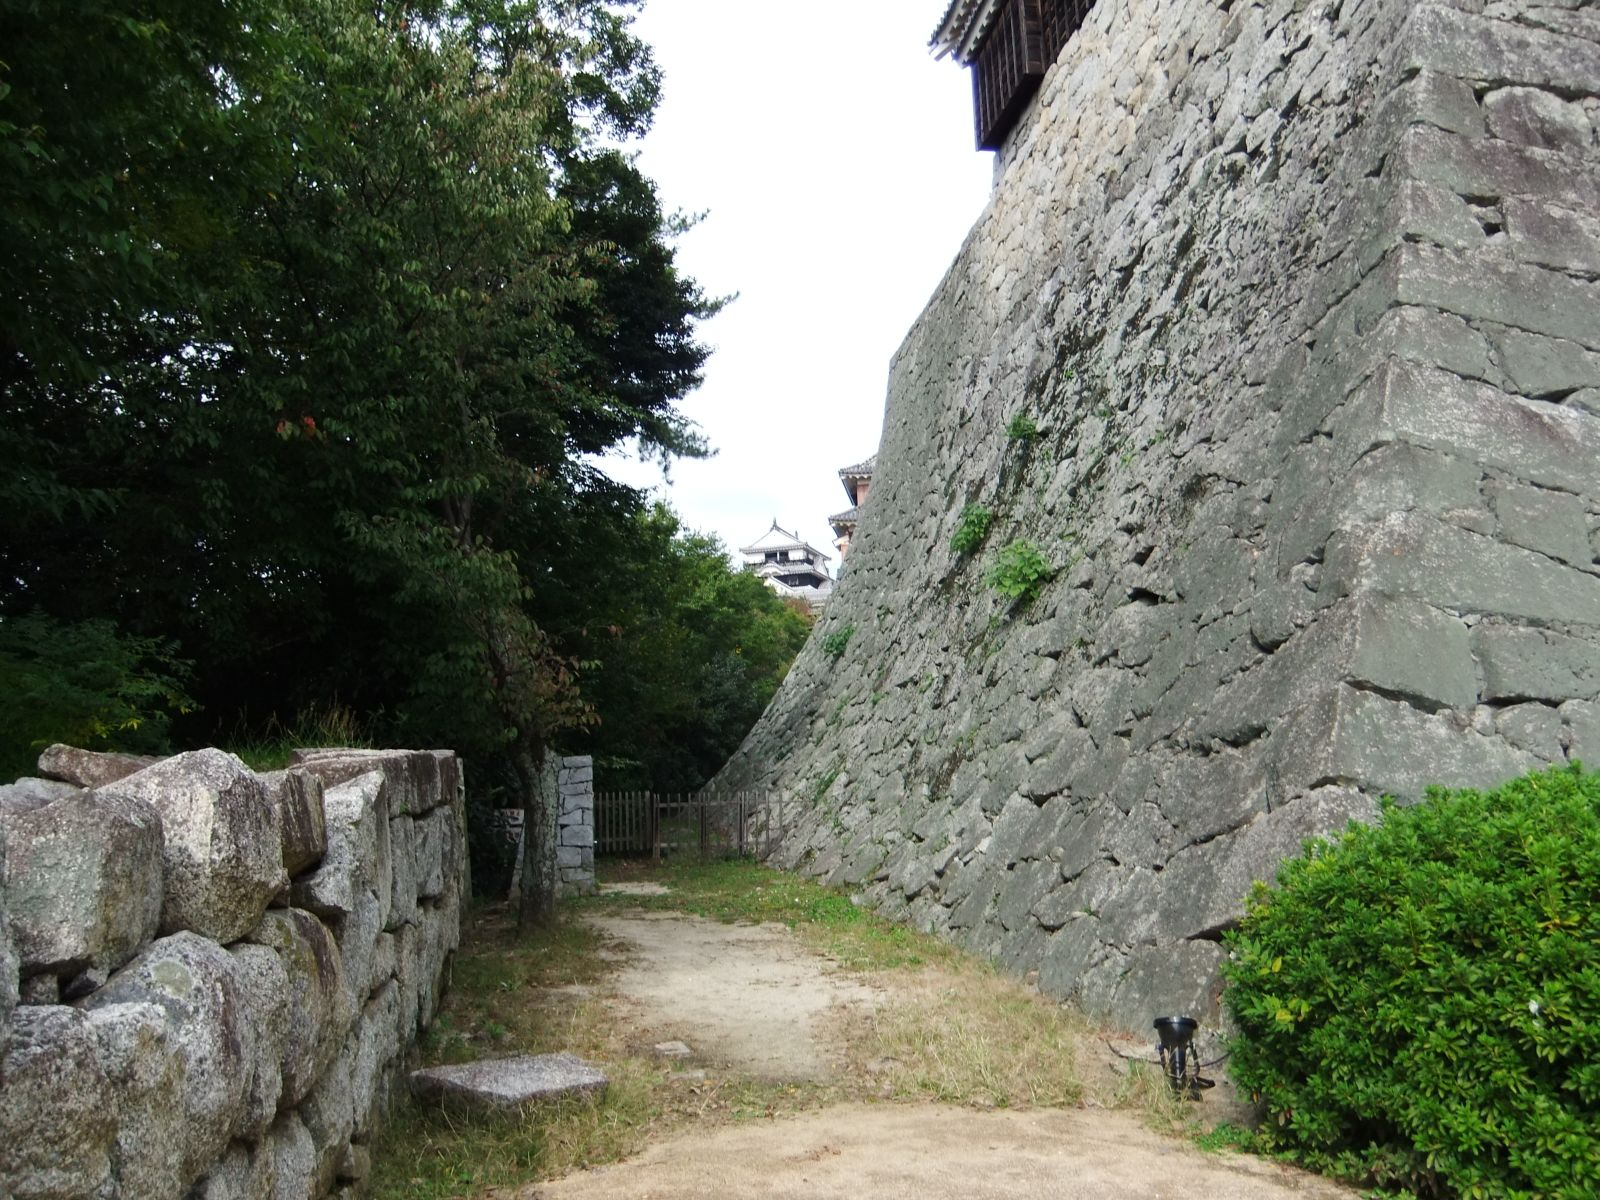 秋の松山城(長者が平から本丸までの間)の写真です。クリックすると拡大します。